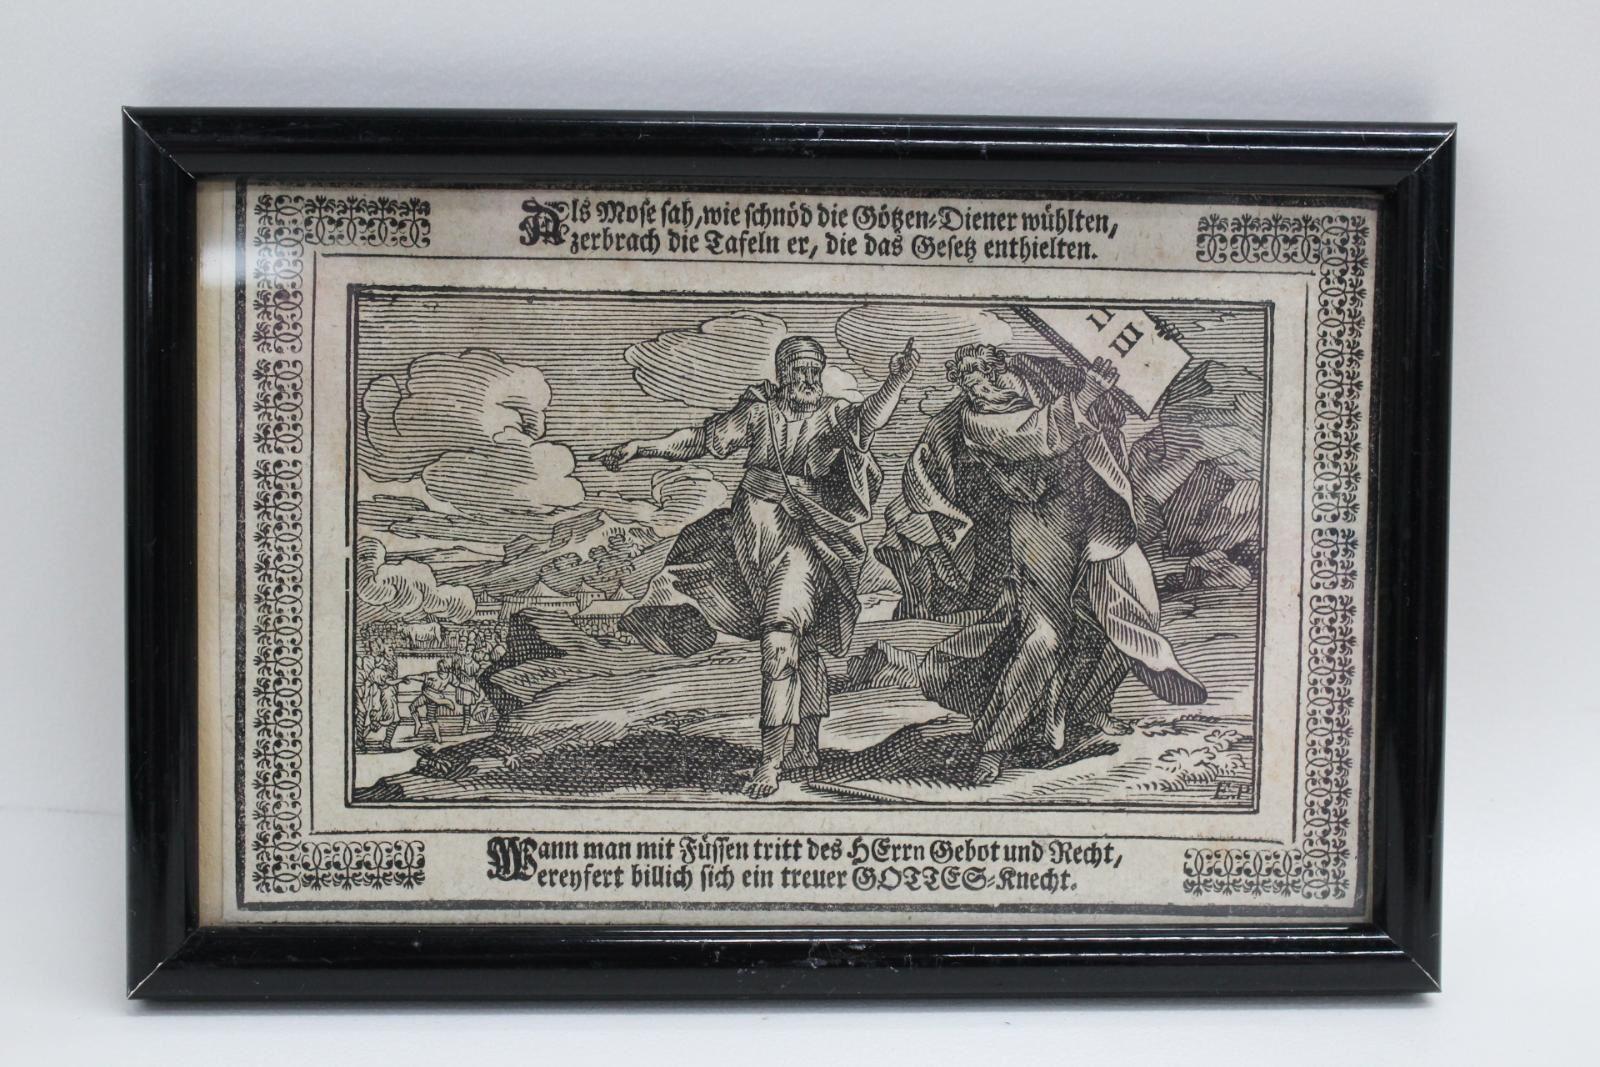 Antique-German-Woodblock-Print-17thC-Bible-Old-Testament-Moses-10-Commandments